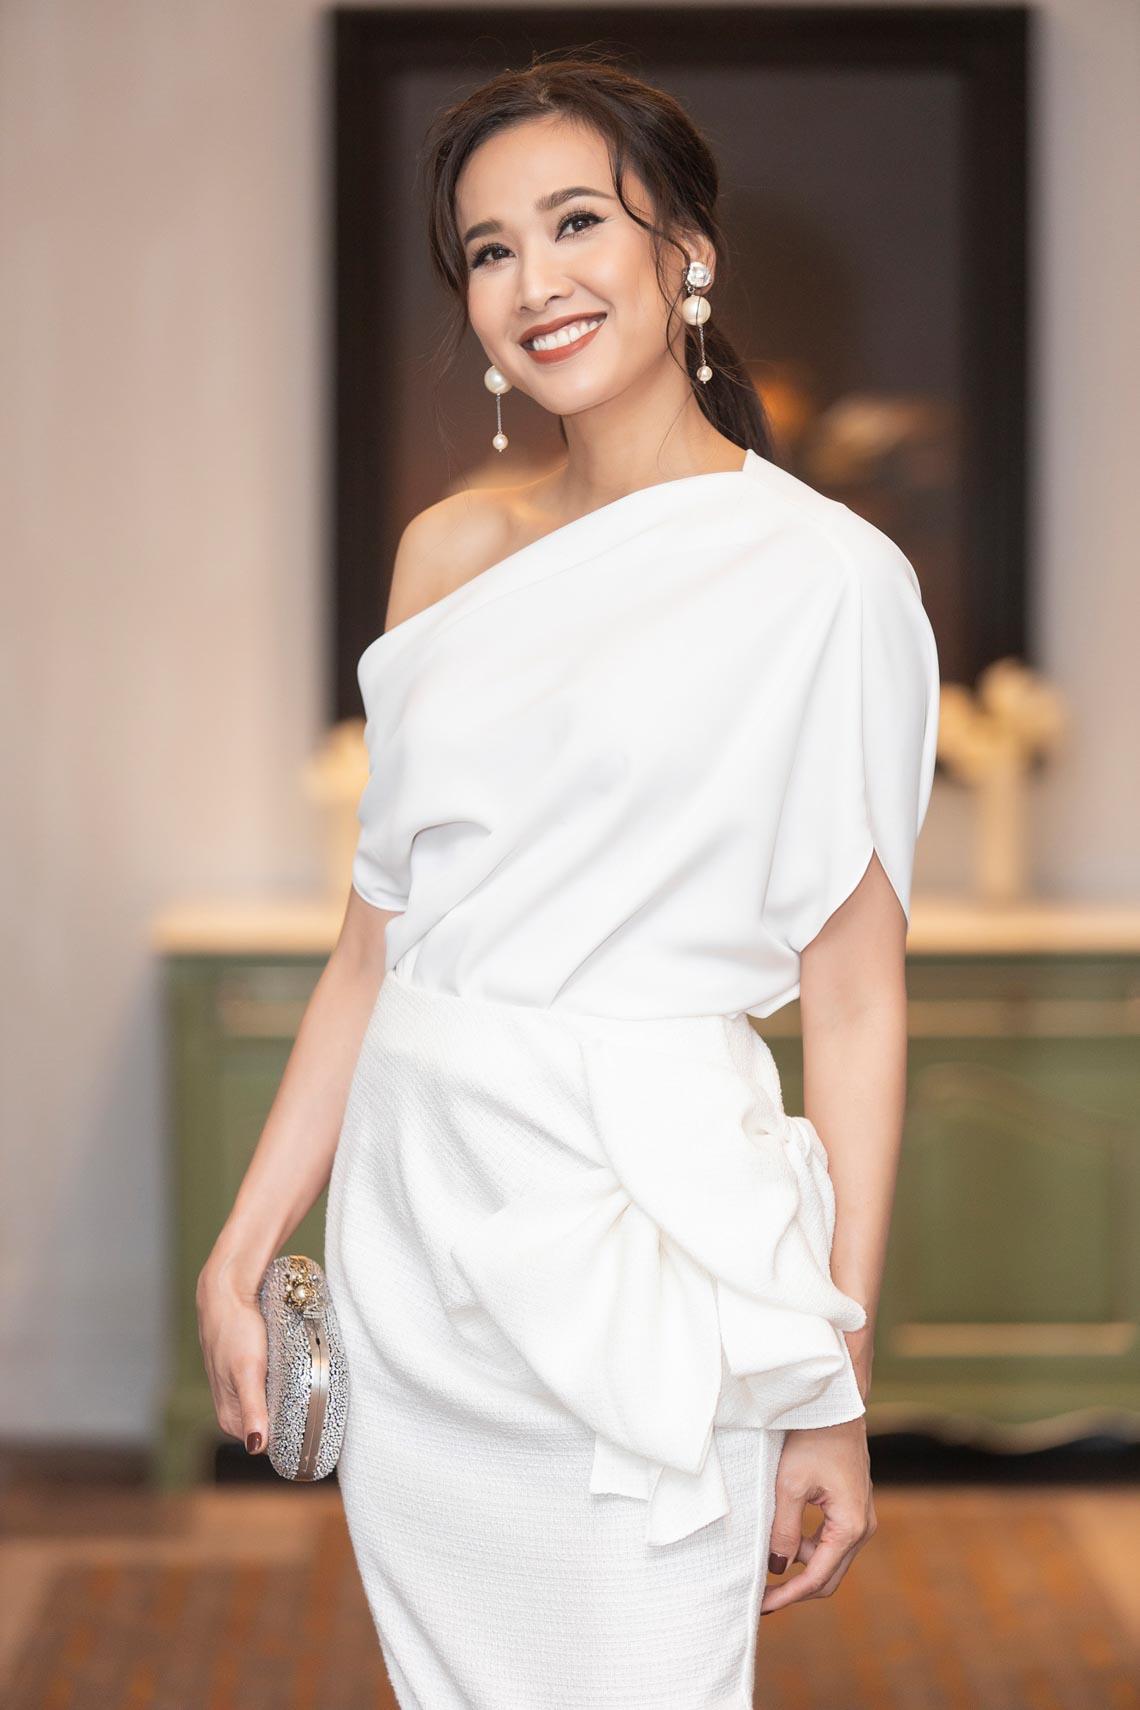 Dàn mỹ nhân diện trang phục trắng tinh khôi của NTK Đỗ Mạnh Cường - 14